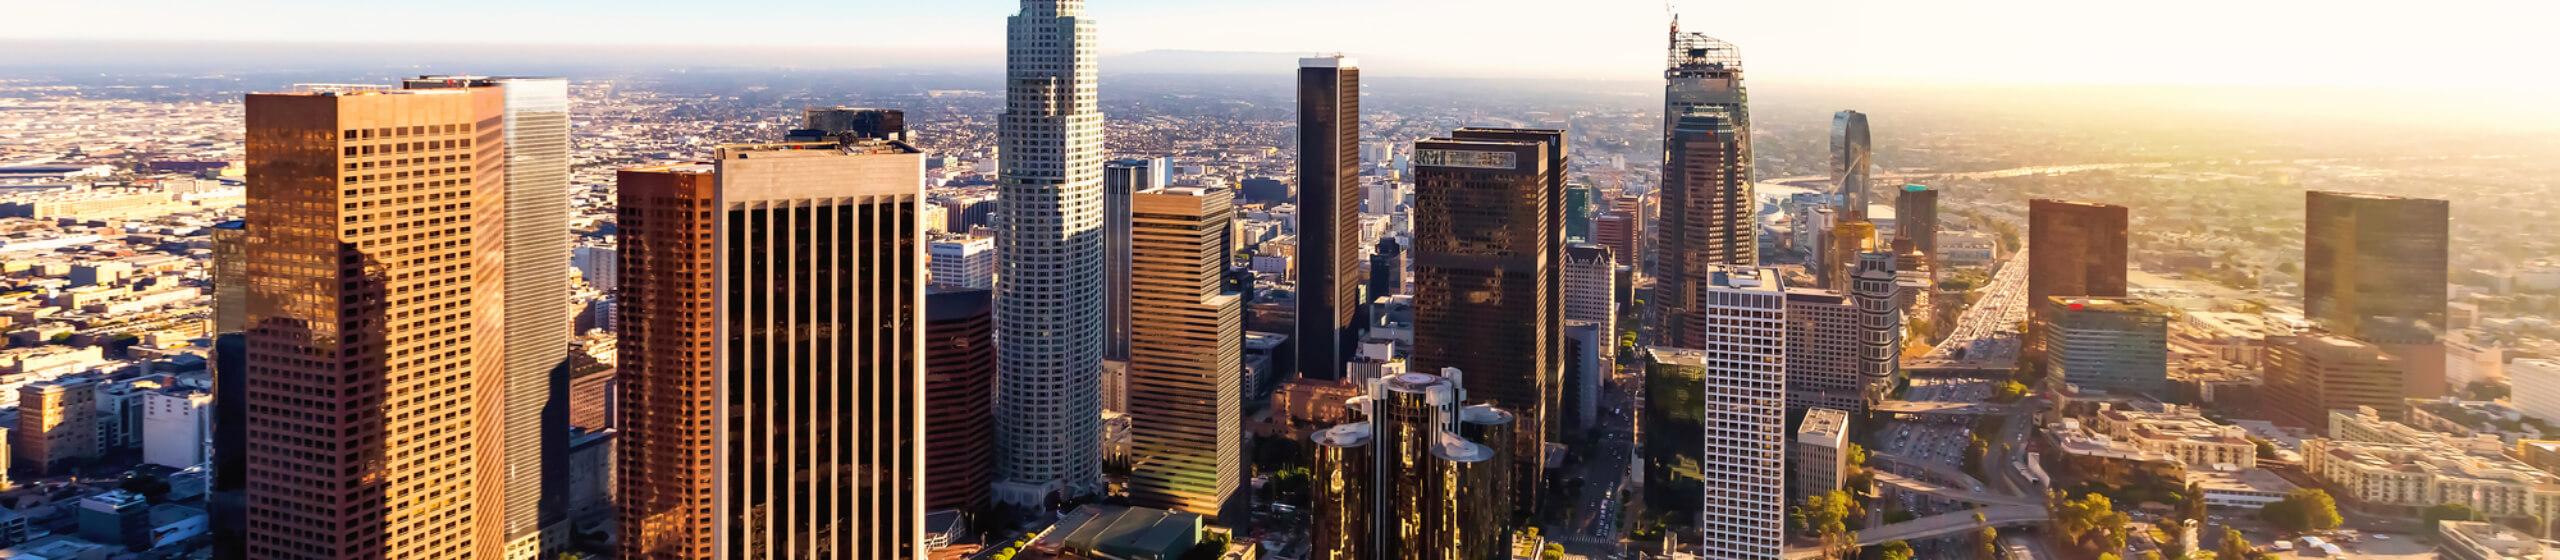 カリフォルニア州ロサンゼルス